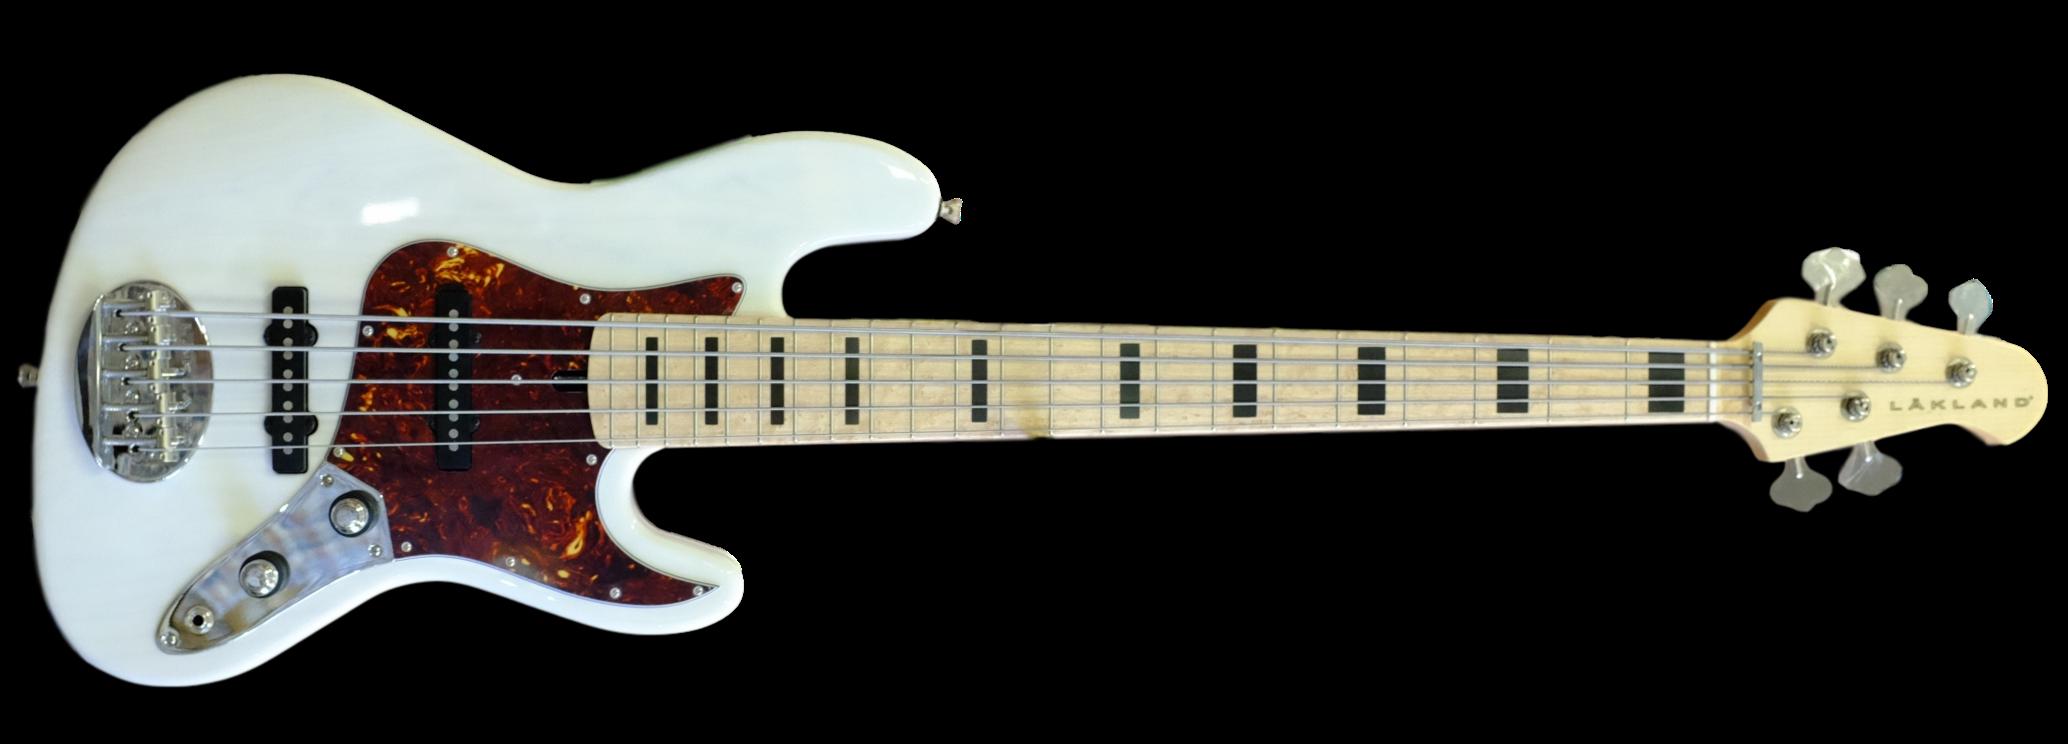 USA Series 55-60 (Vintage J)